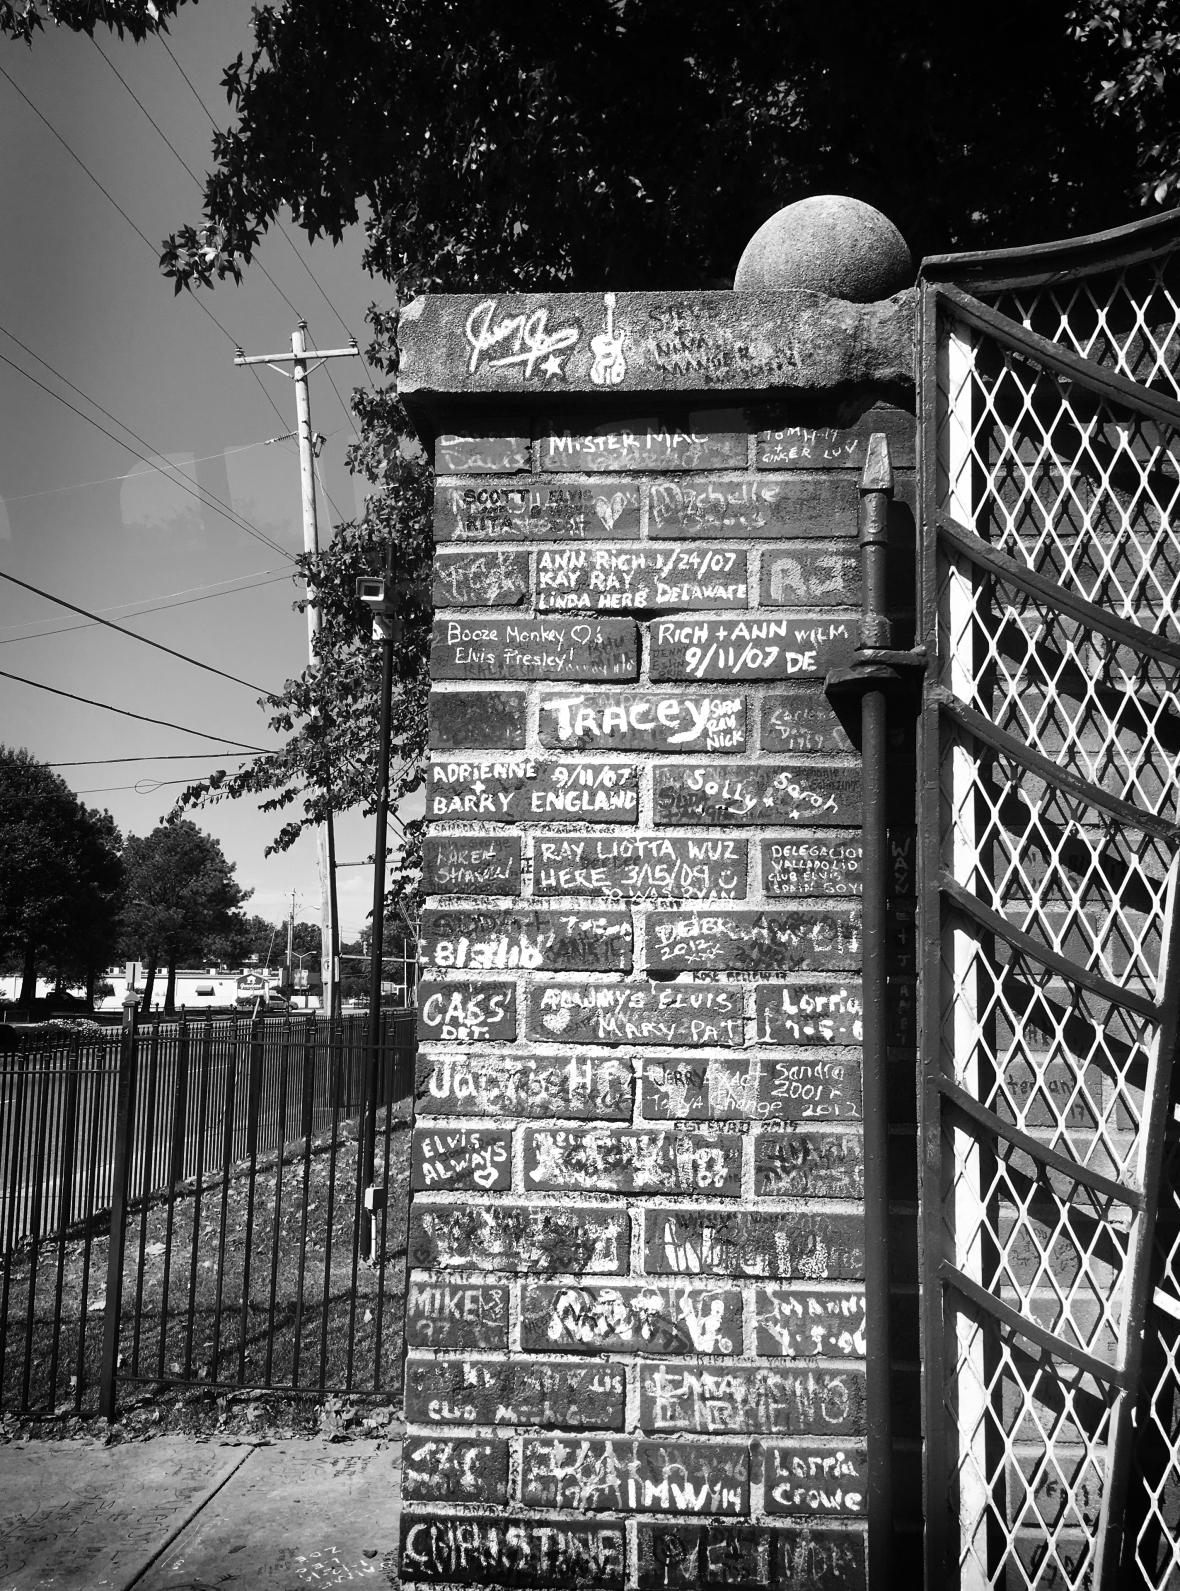 Graceland Gates with Graffiti